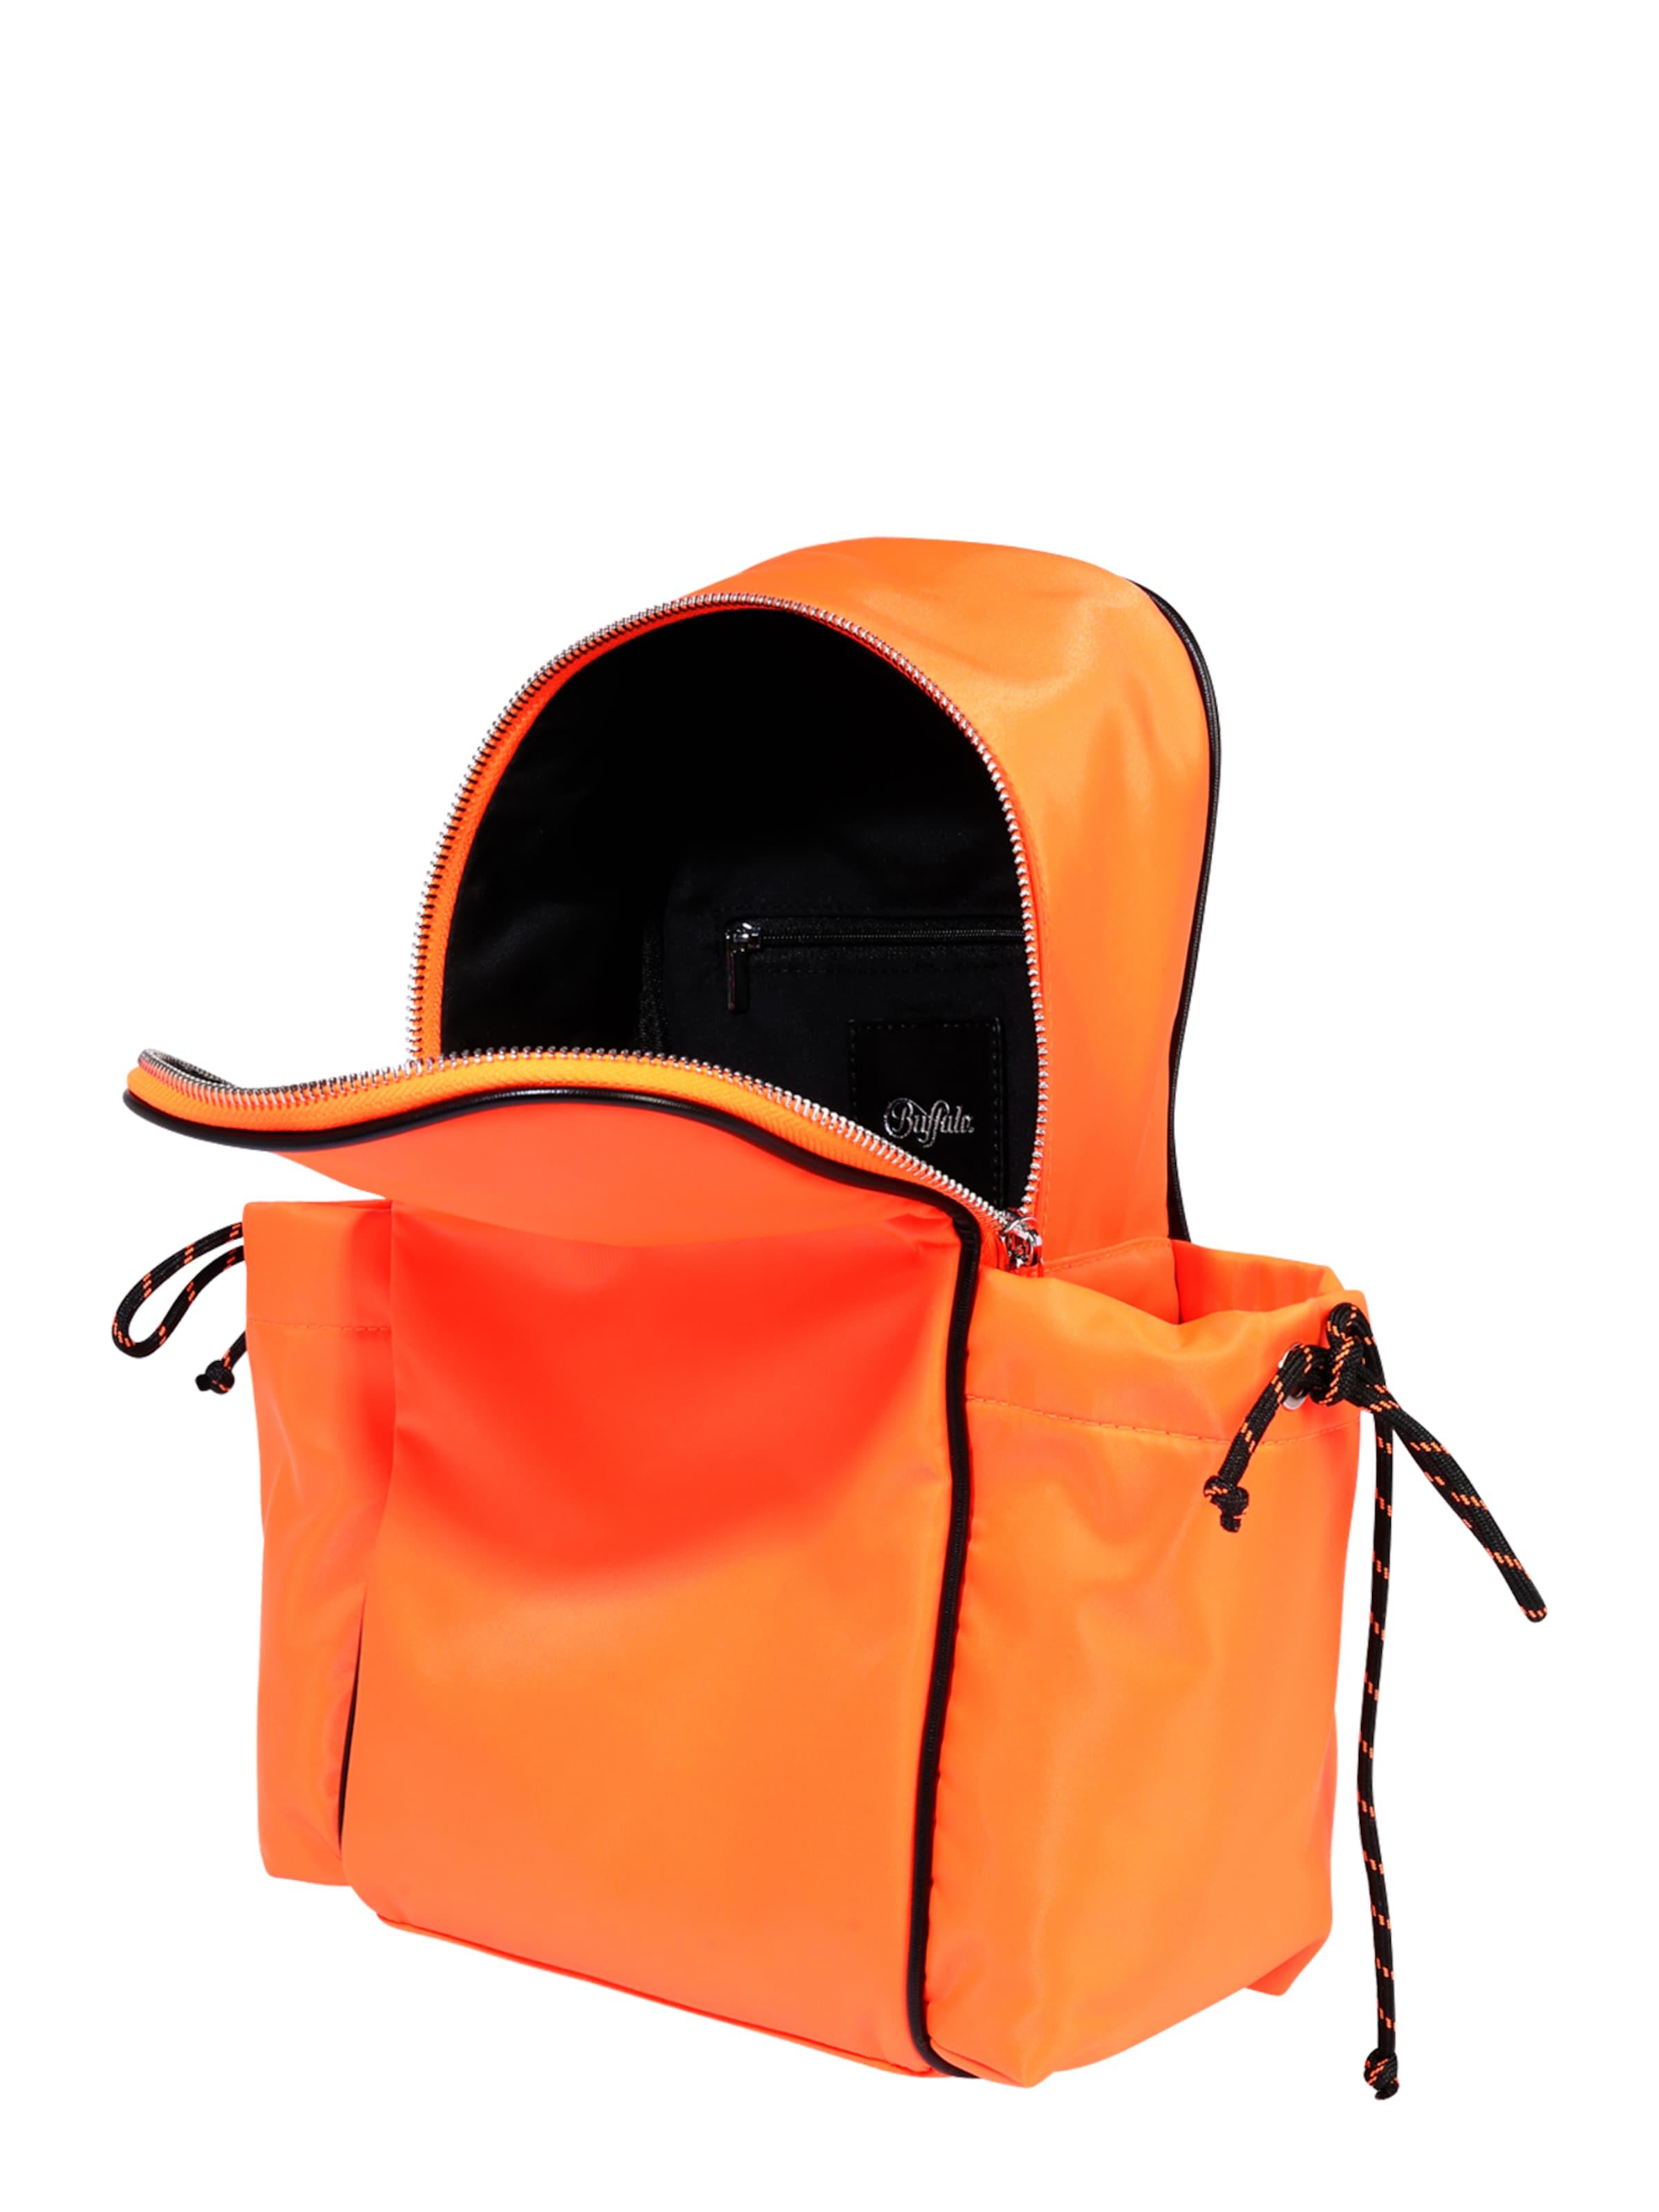 BUFFALO Hátizsák 'KENSIE' narancs színben